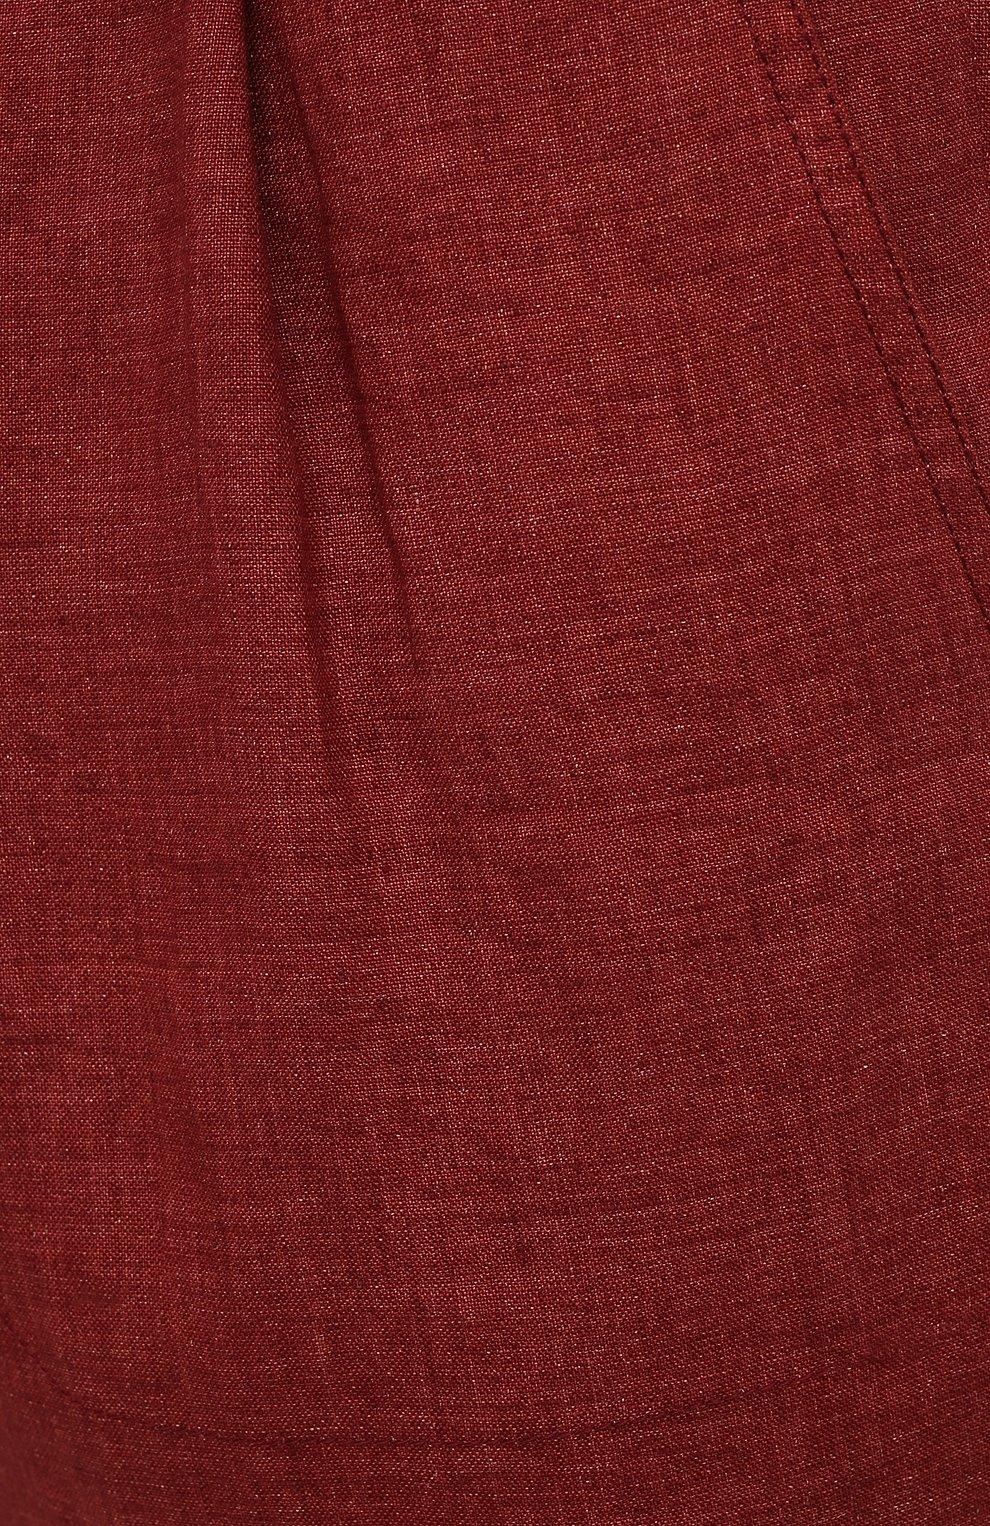 Мужские льняные брюки BRIONI бордового цвета, арт. RPMJ0M/P6114/NEW JAMAICA | Фото 5 (Длина (брюки, джинсы): Стандартные; Случай: Повседневный; Материал внешний: Лен; Стили: Кэжуэл)